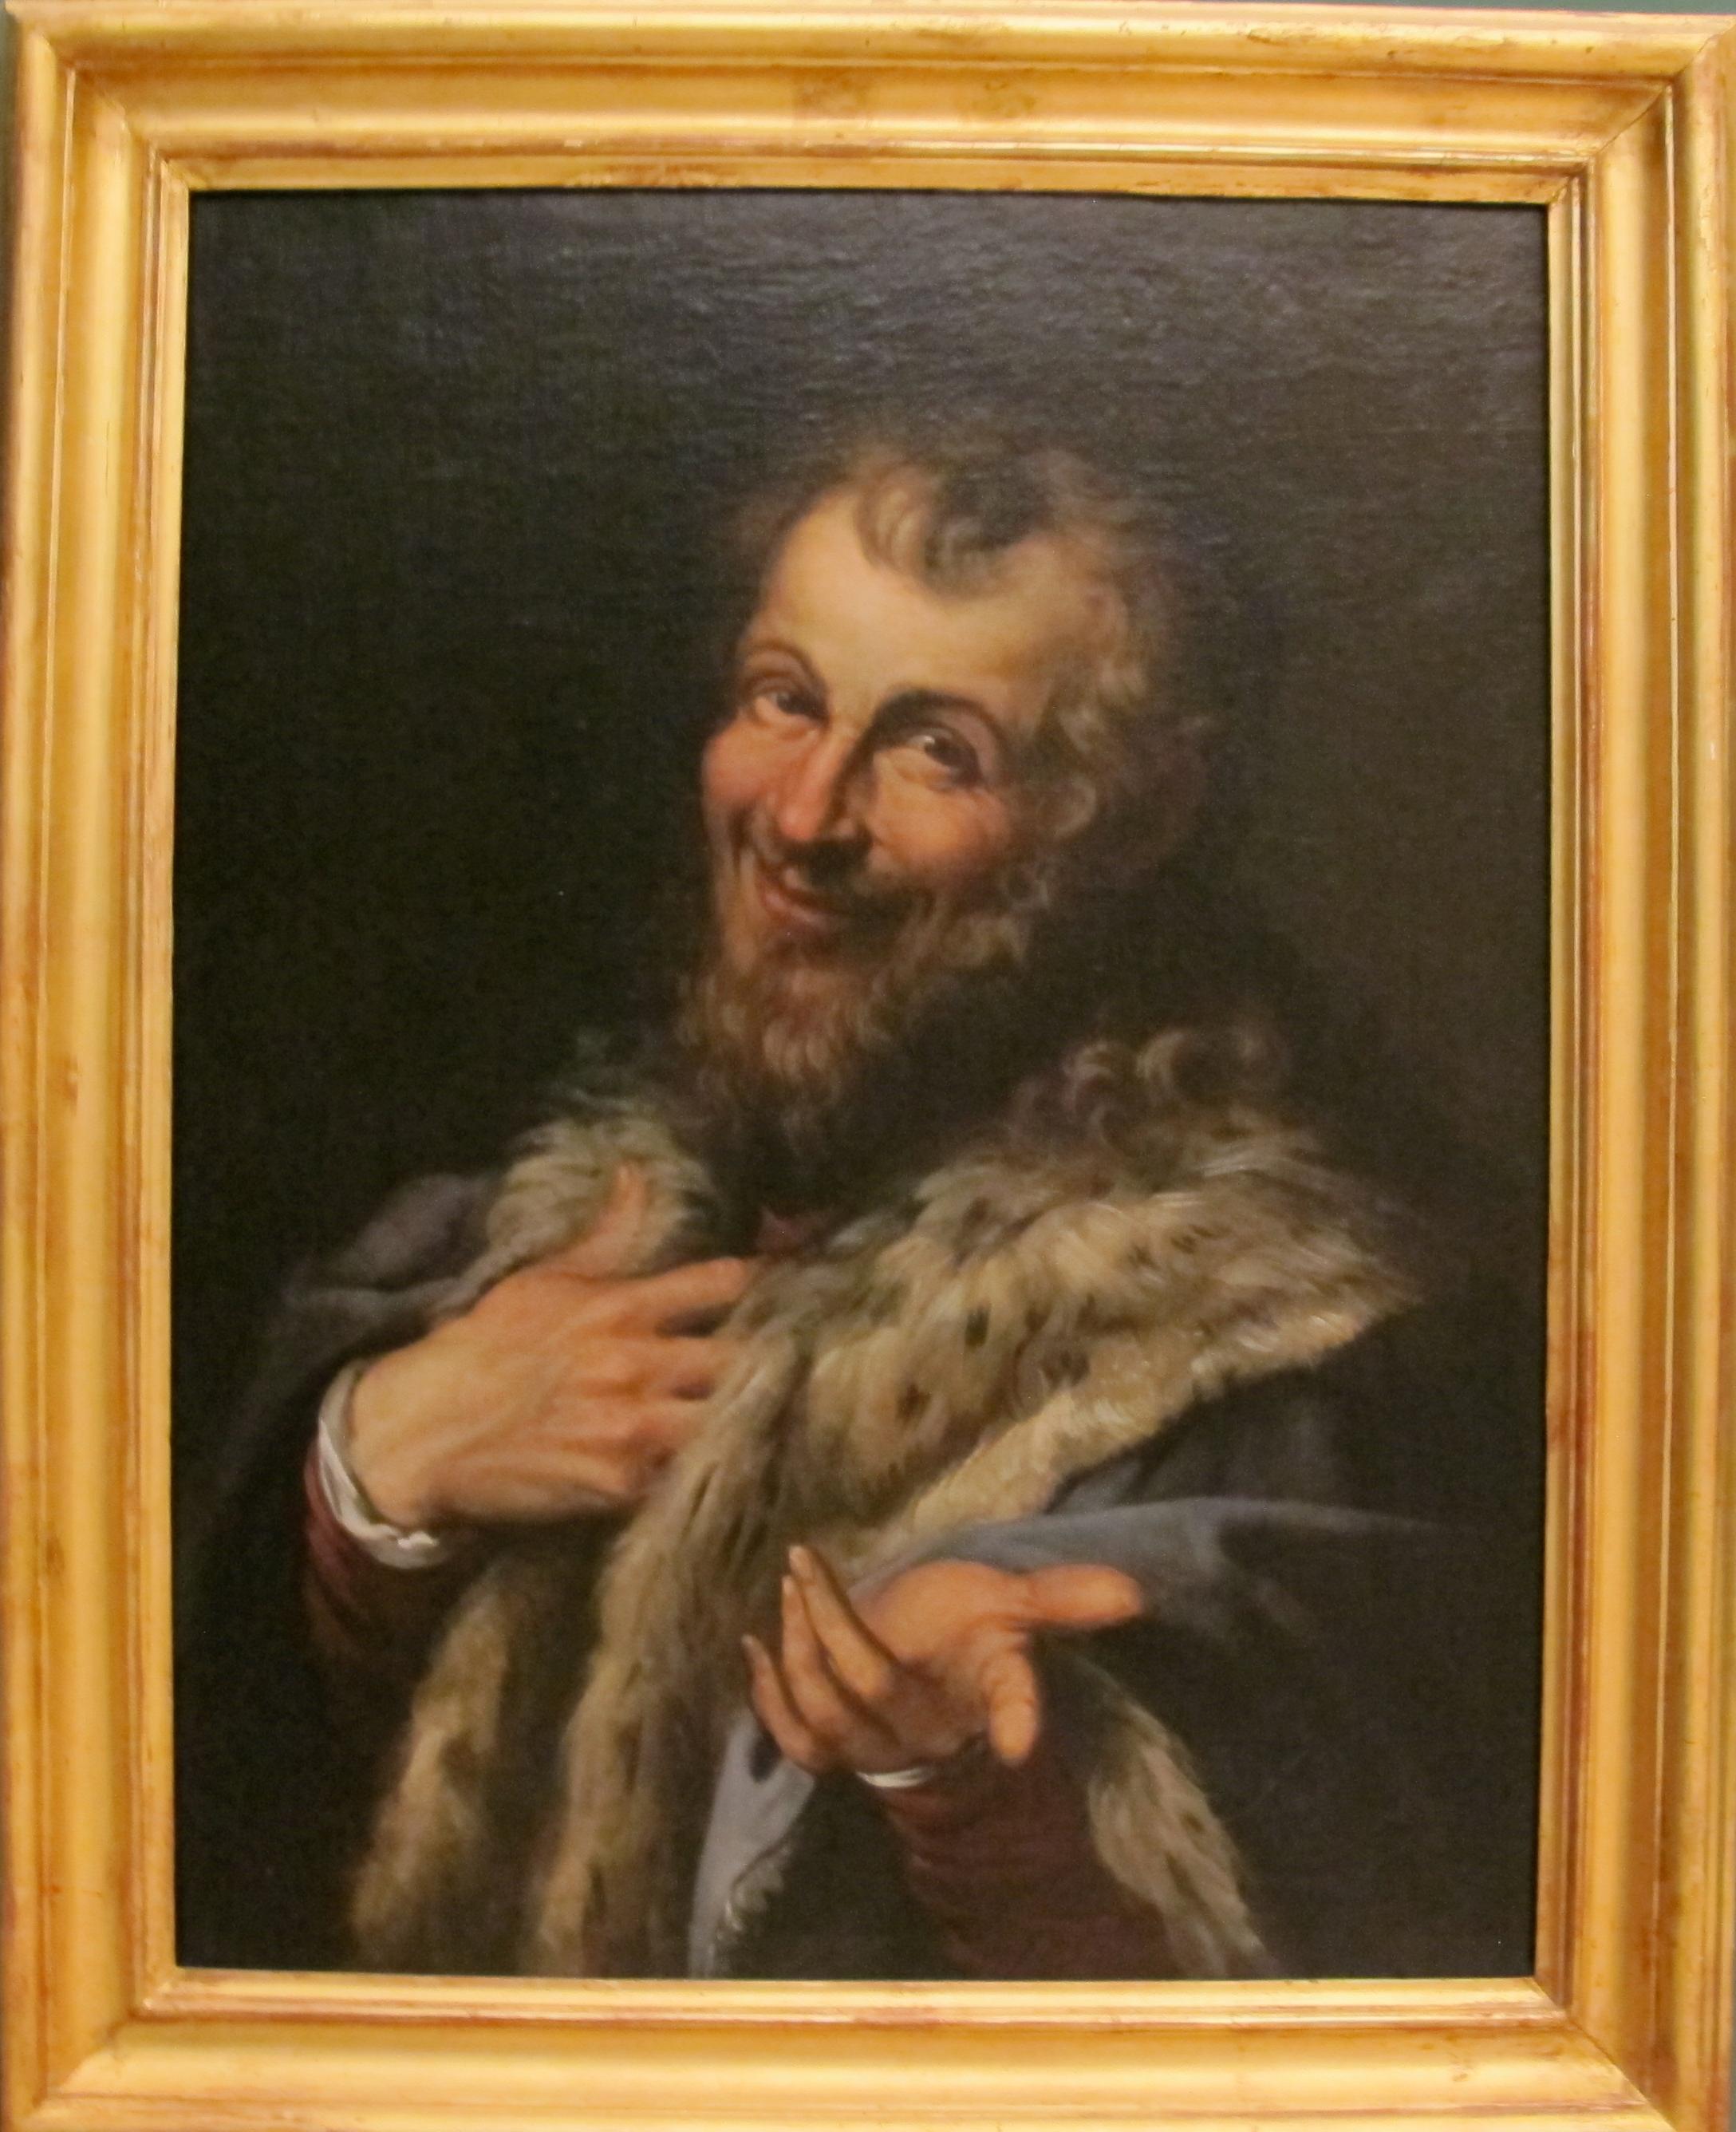 Agostino_carracci,_democrito,_1596_ca,_Q487